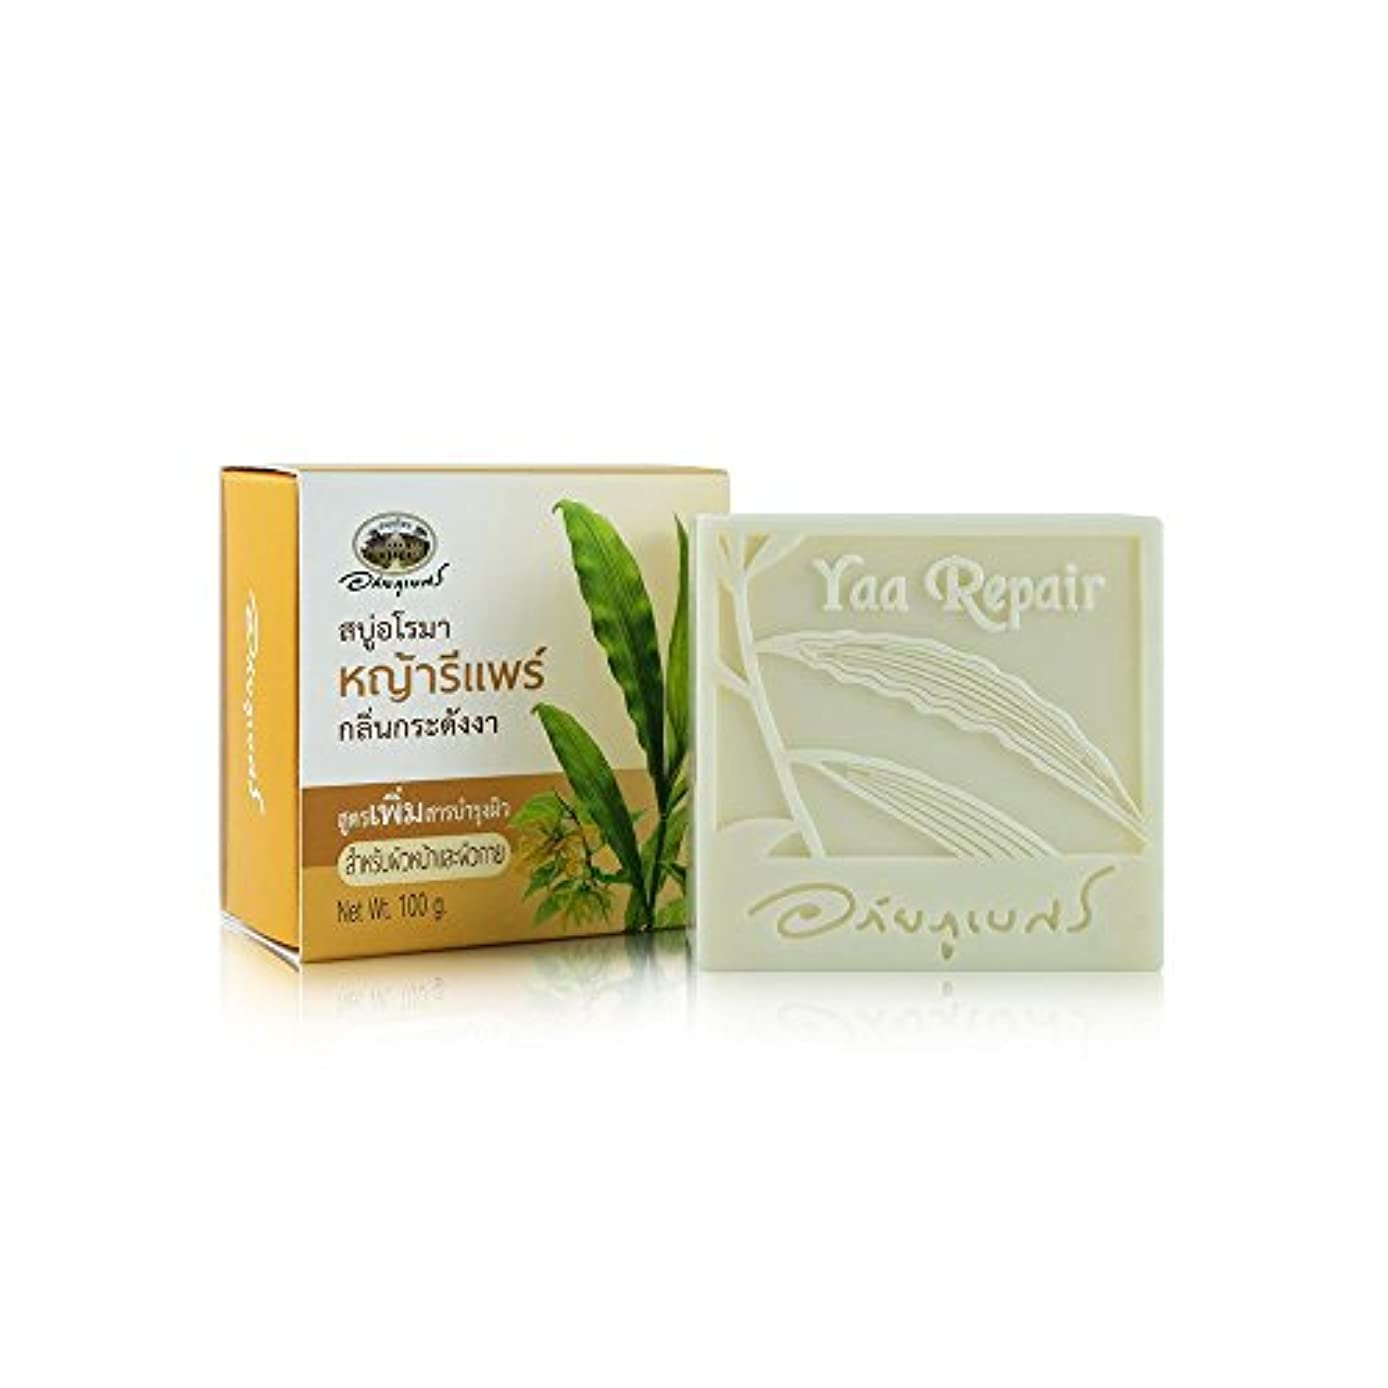 一般化するコーチ感謝祭Abhaibhubejhr Thai Aromatherapy With Ylang Ylang Skin Care Formula Herbal Body Face Cleaning Soap 100g.